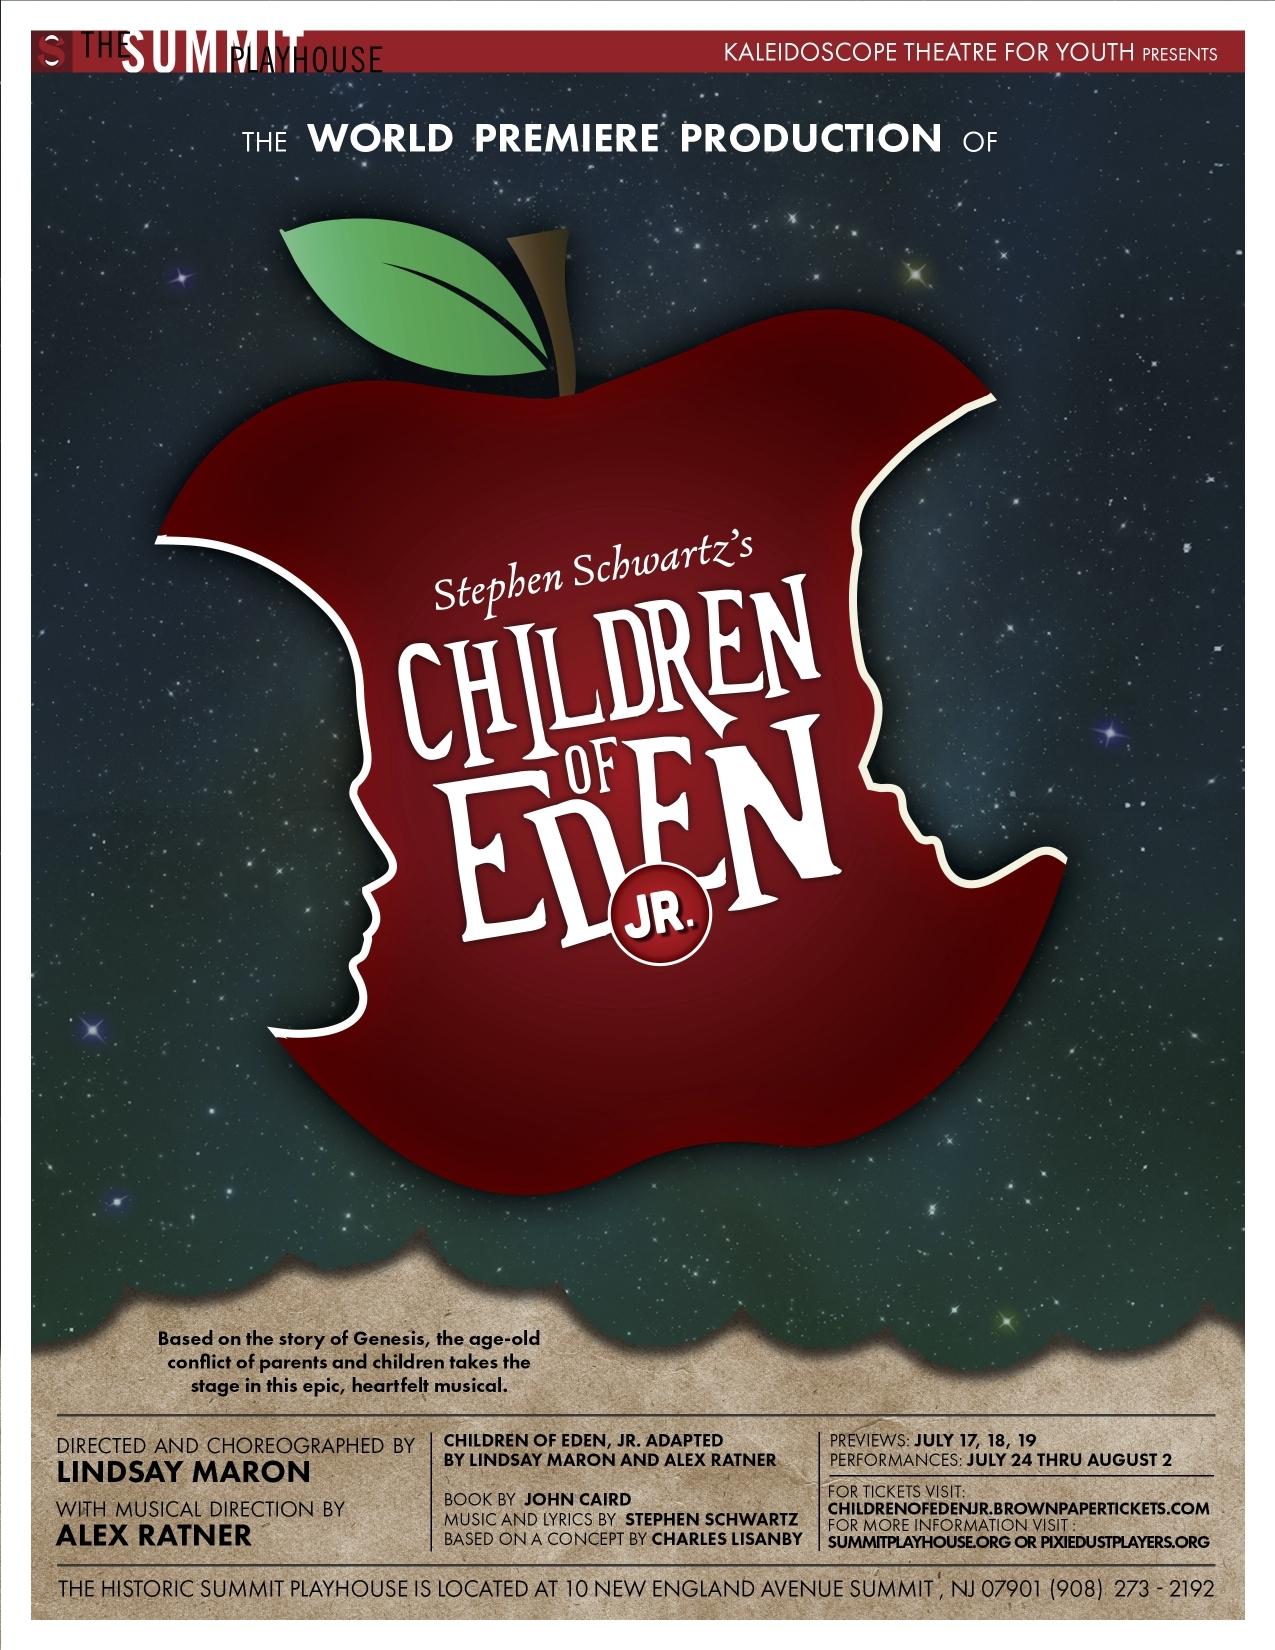 349820c72e56edc45d22_Children_of_Eden__Jr._Poster_Color.jpg